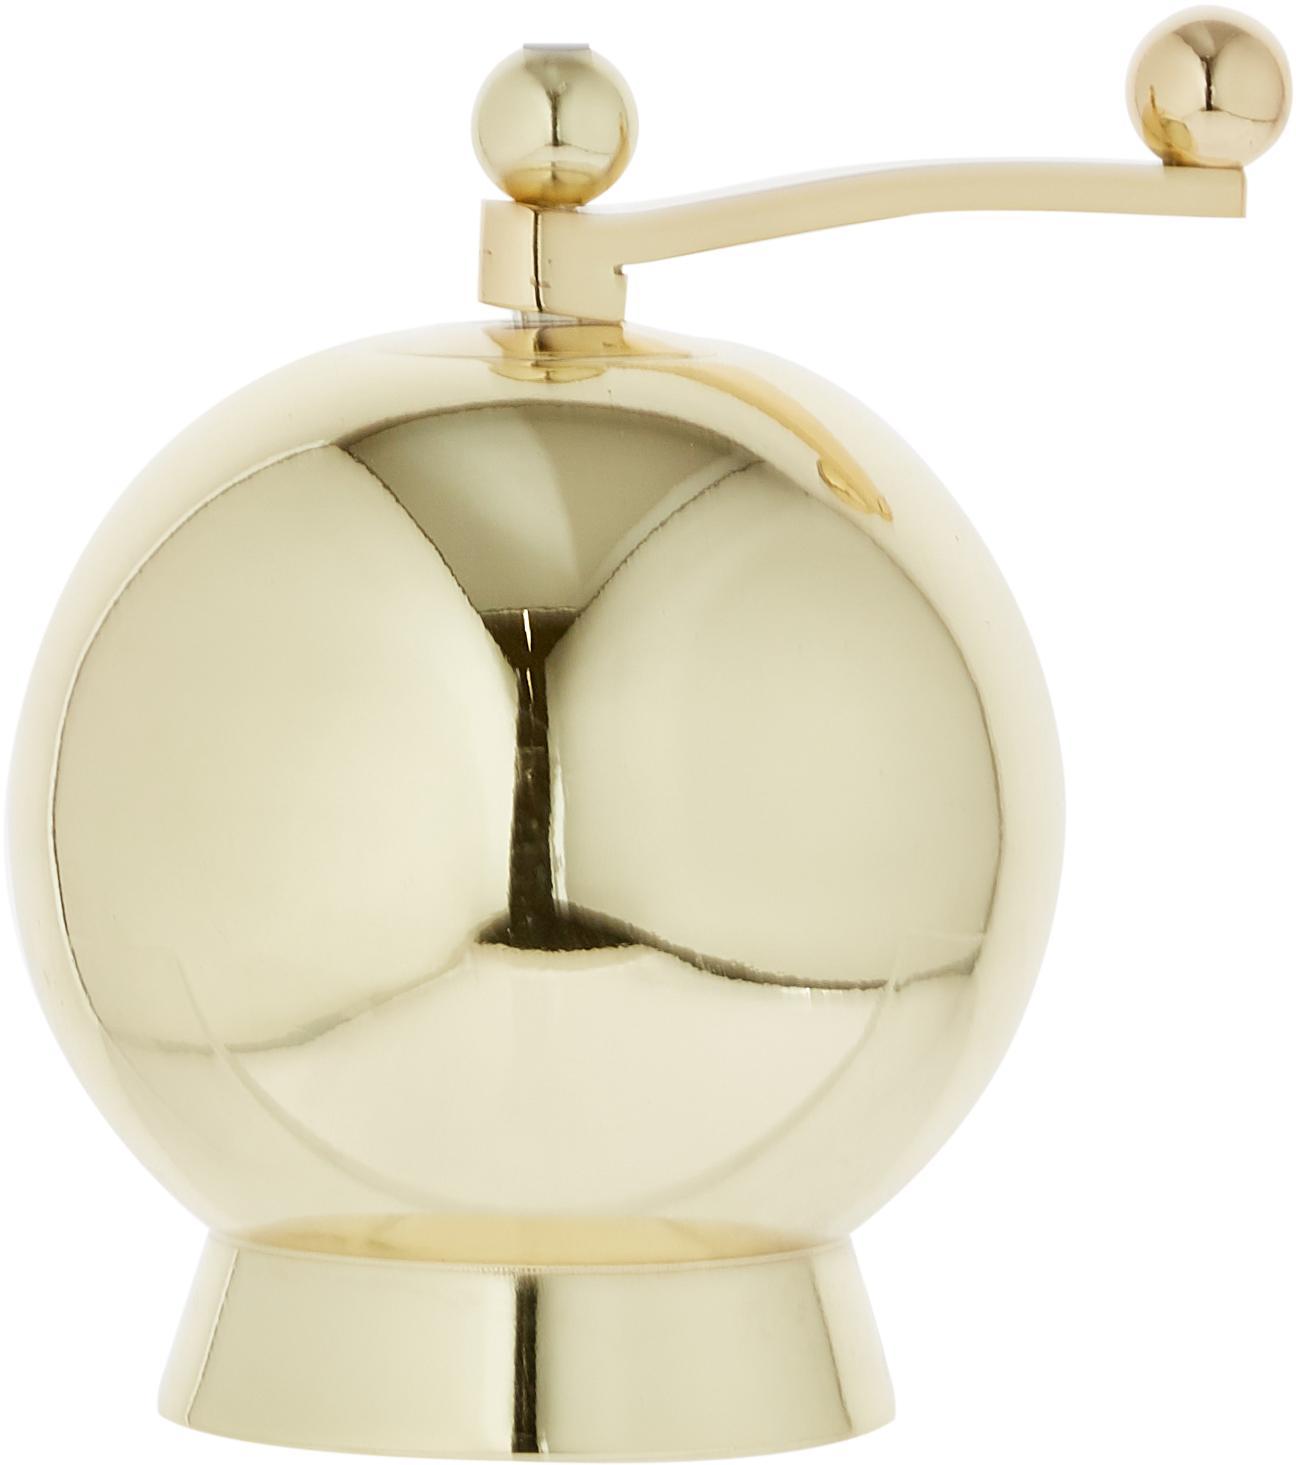 Salz- und Pfeffermühlen Quijote, 2er-Set, Mahlwerk: , Goldfarben, Ø 8 x H 12 cm